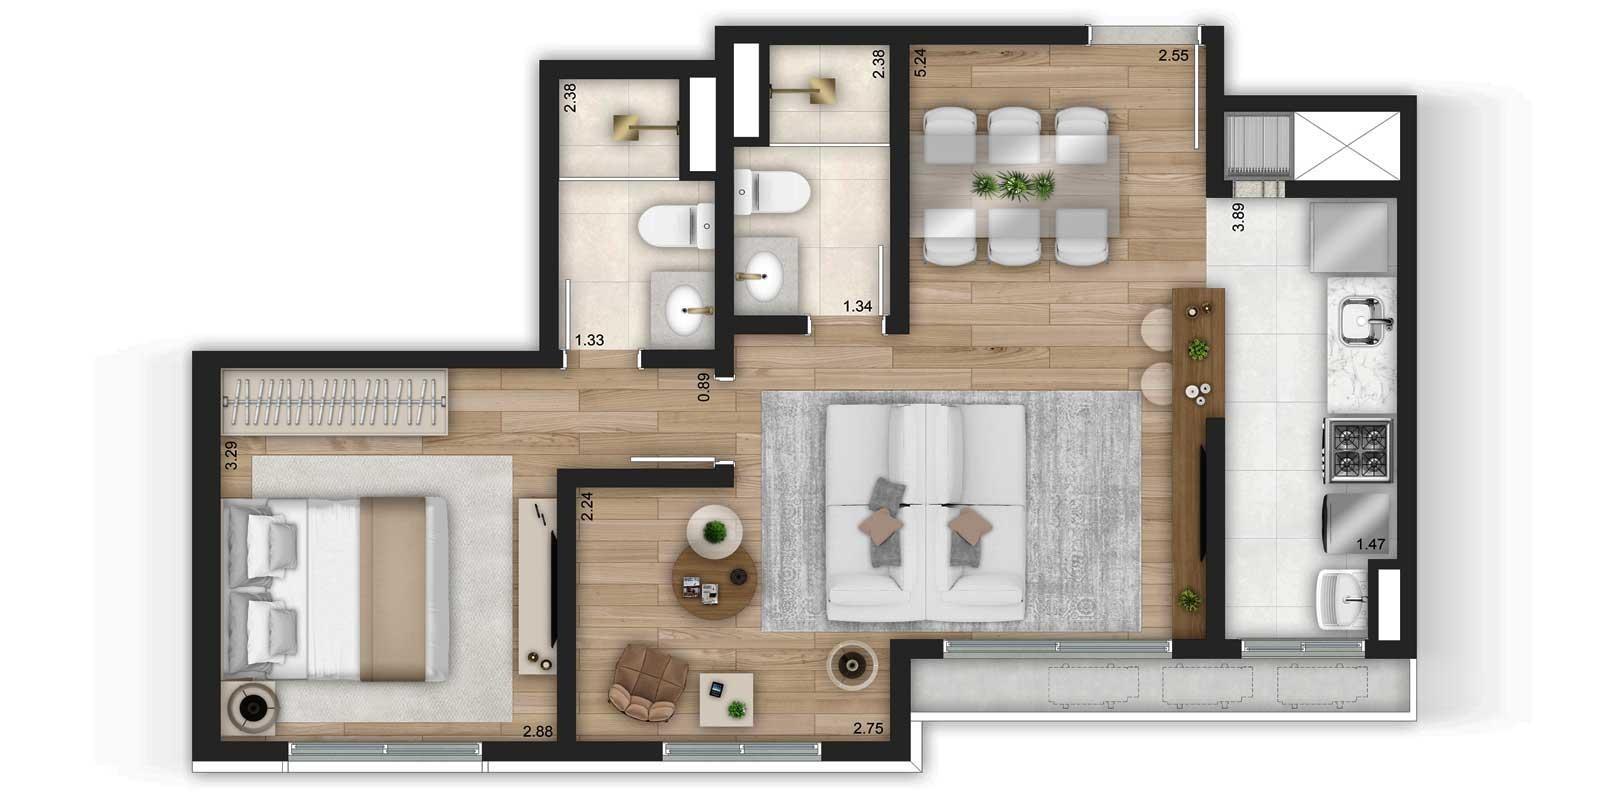 TPS Imóveis - Veja Foto 31 de 32 do Apartamentos de 2 e 3 dormitórios com suíte